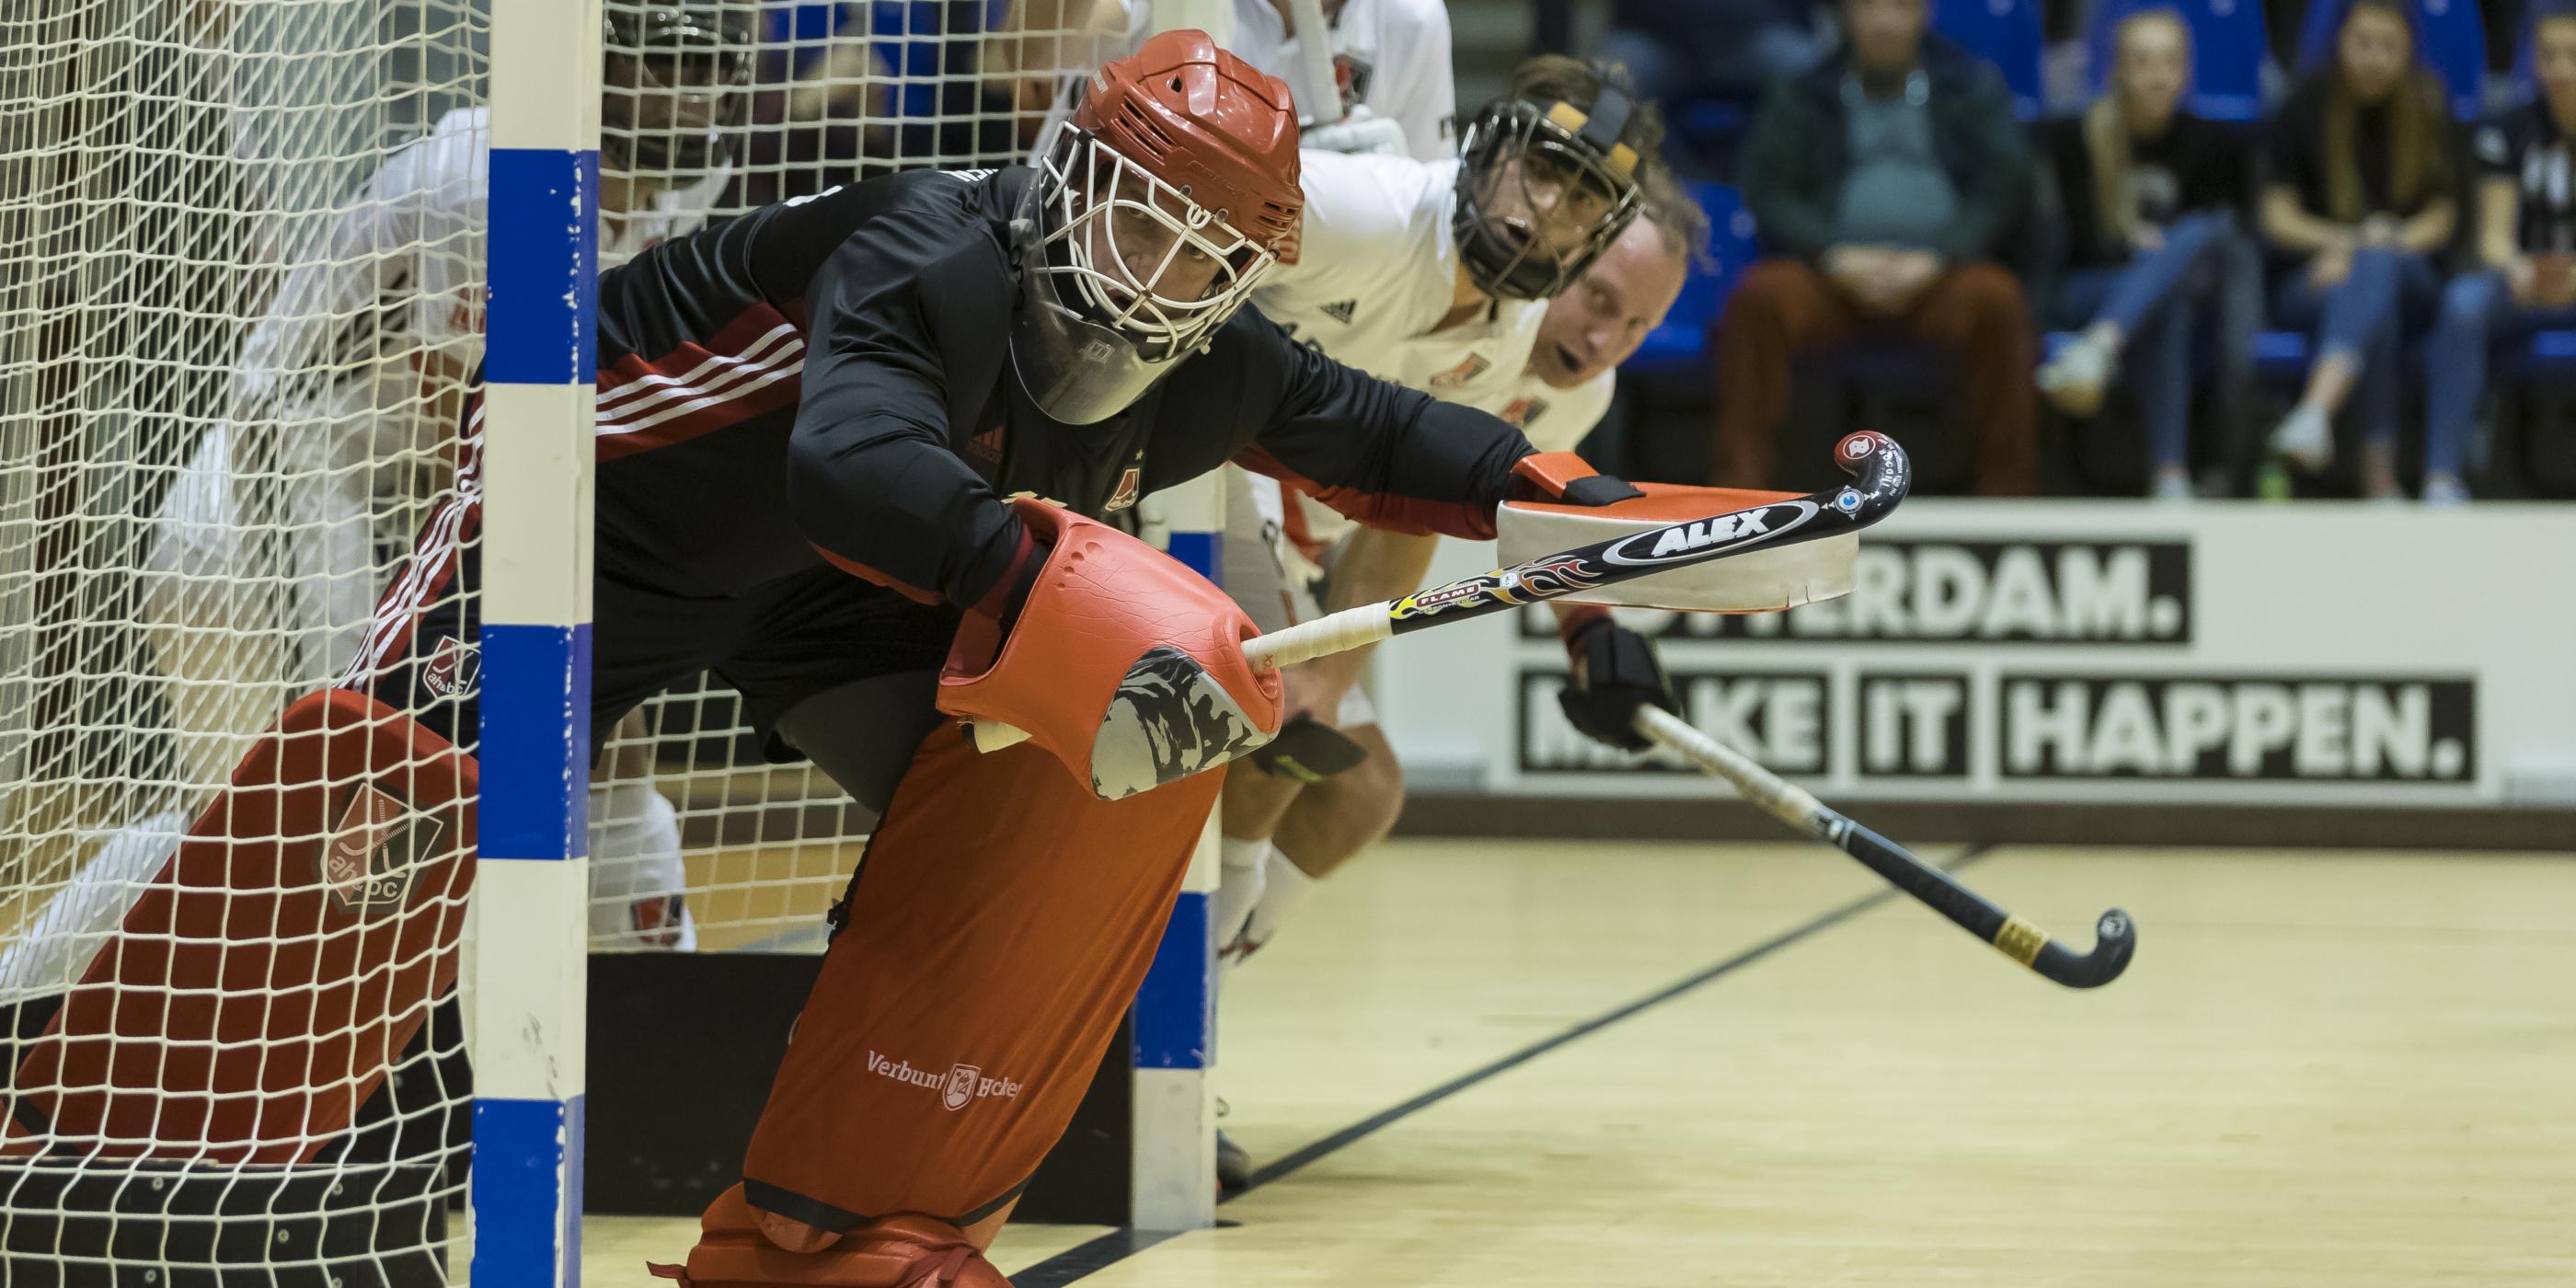 Regelwijzigingen zaalhockey: de vliegende keeper verdwijnt